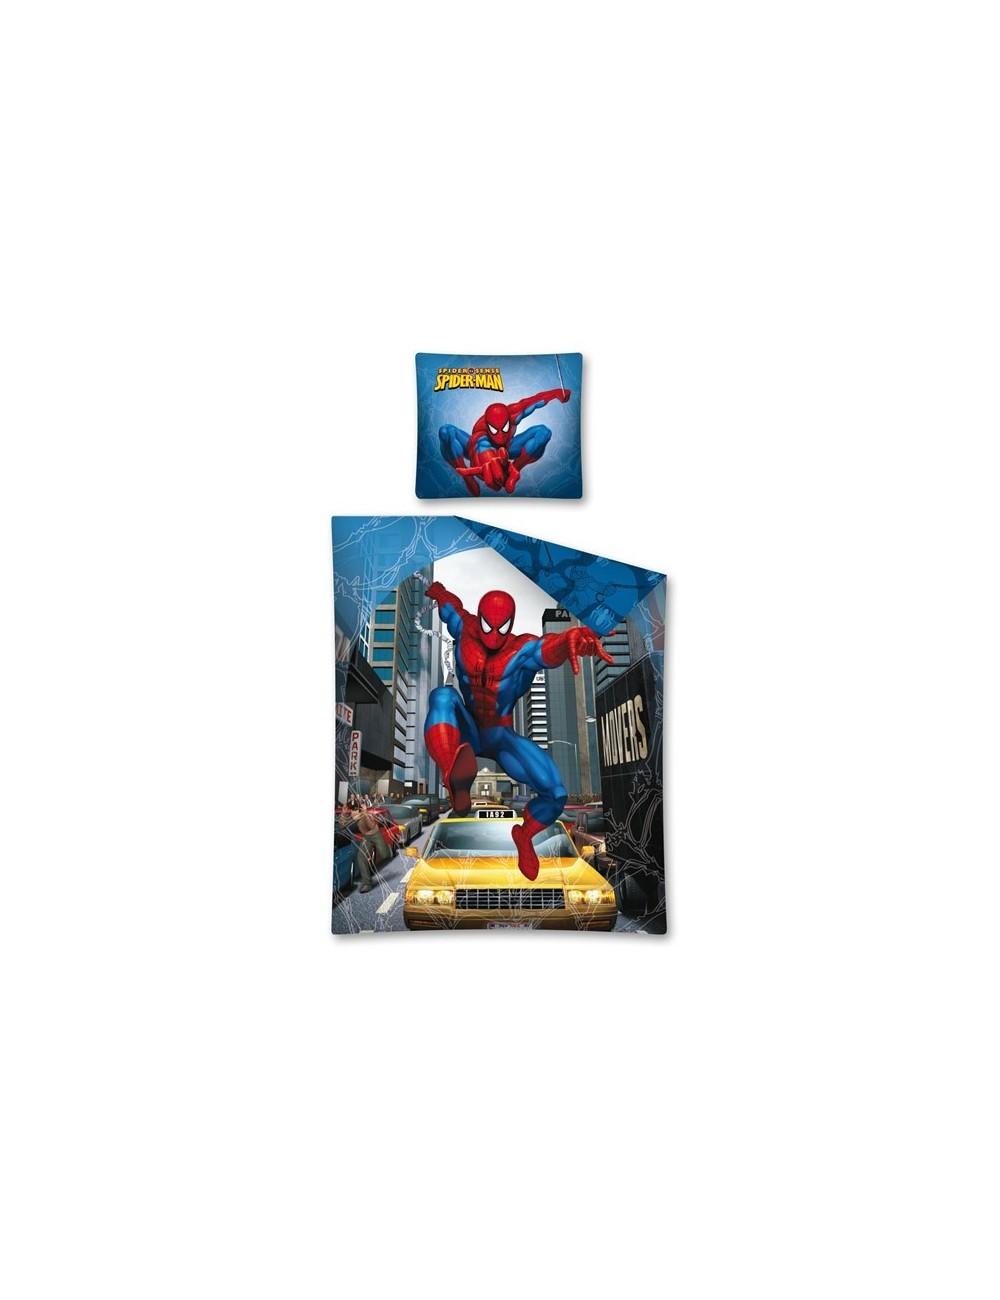 Lenjerie de pat Spiderman, bumbac, 160x200 cm